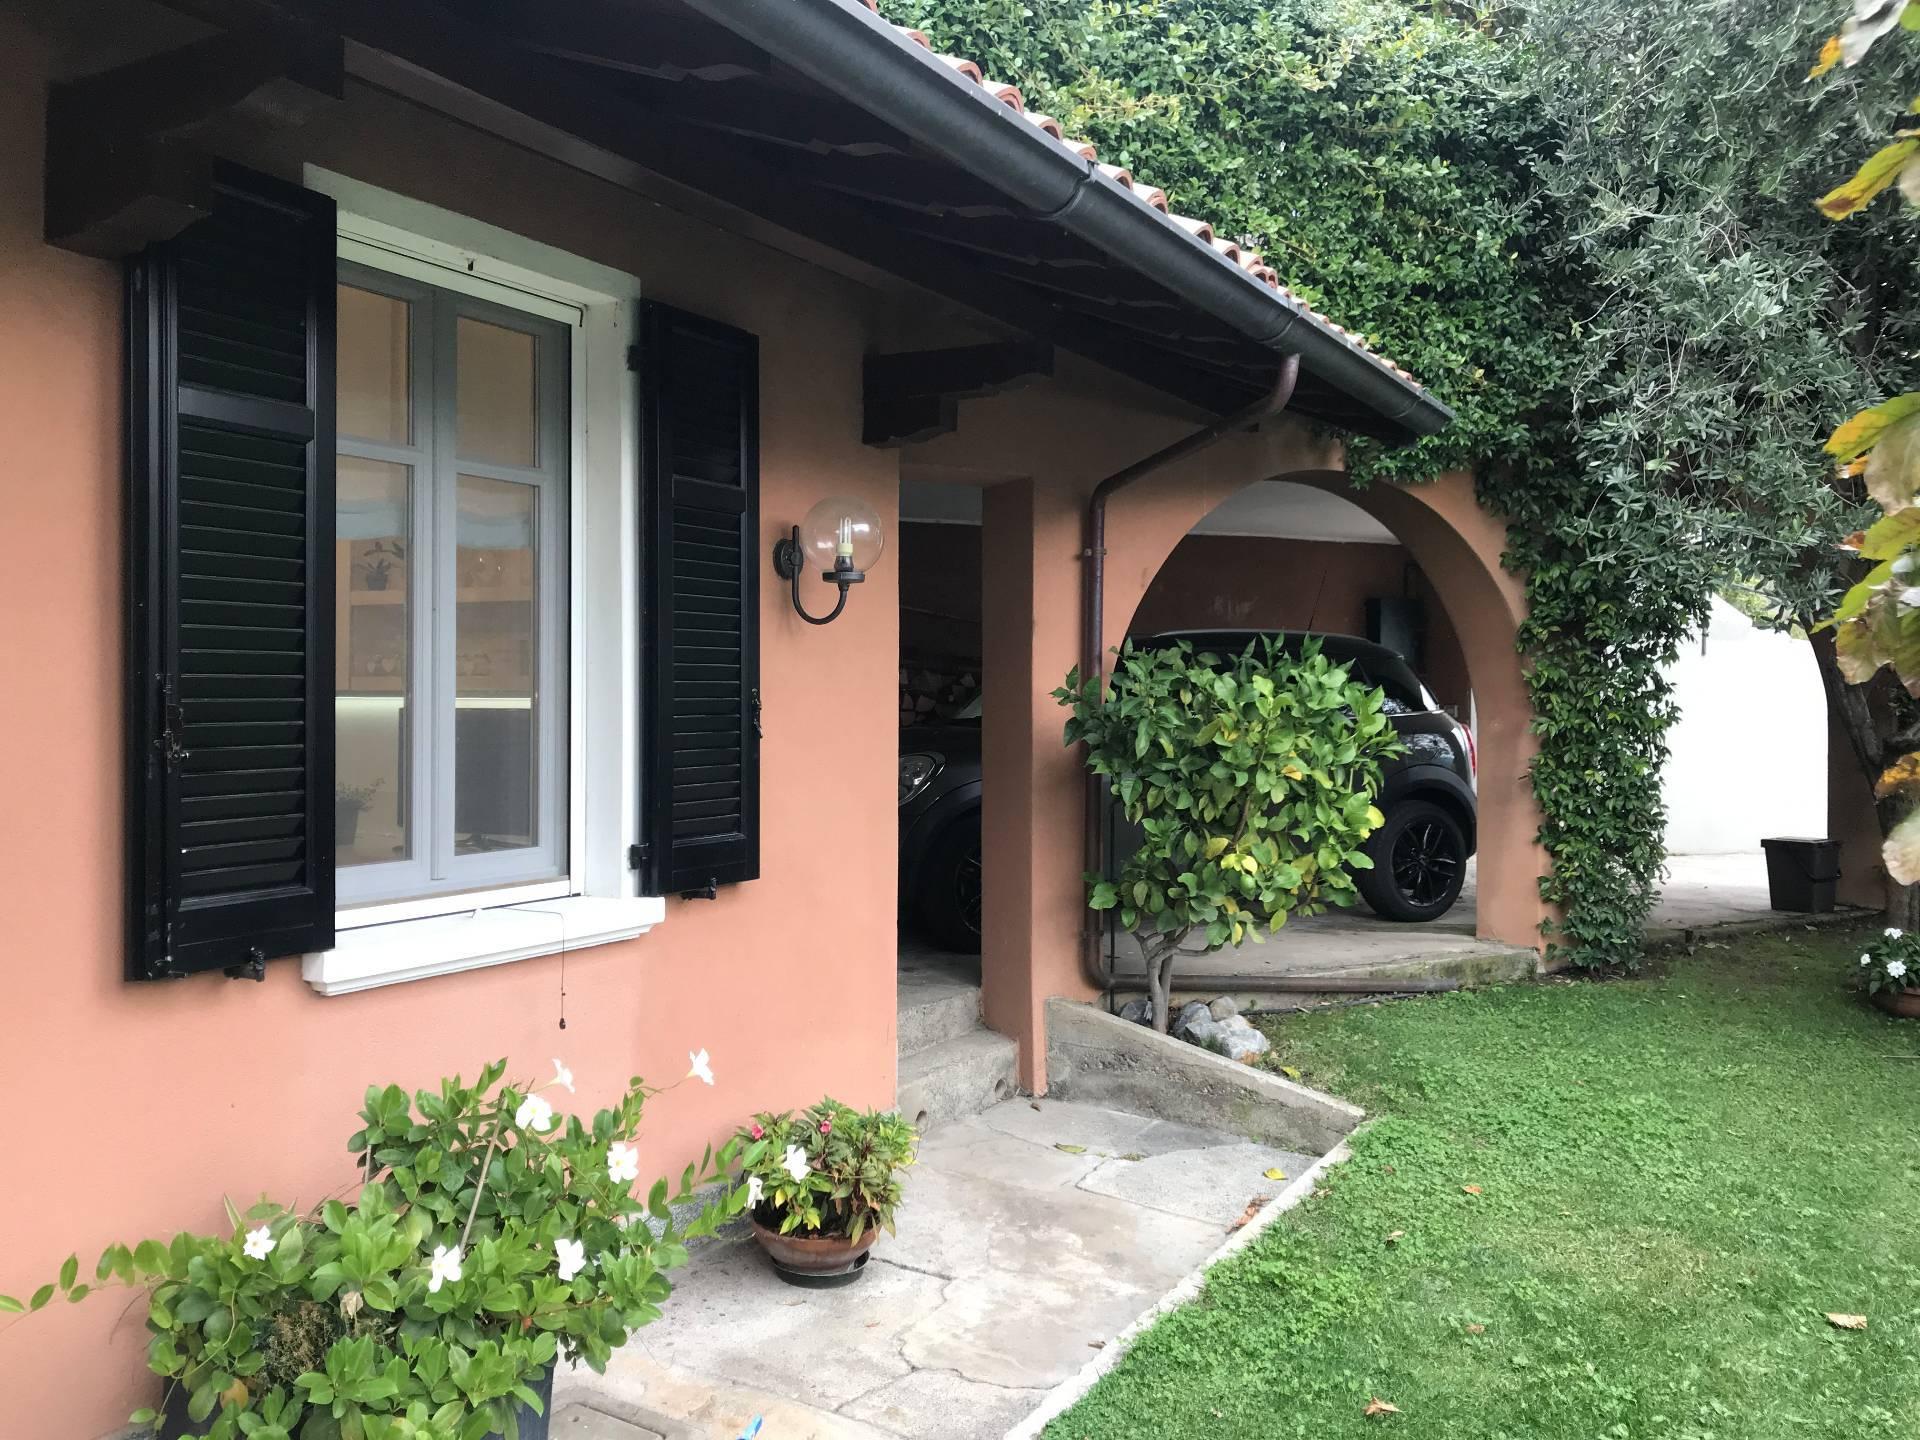 Villa in Vendita a Moltrasio: 5 locali, 230 mq - Foto 11